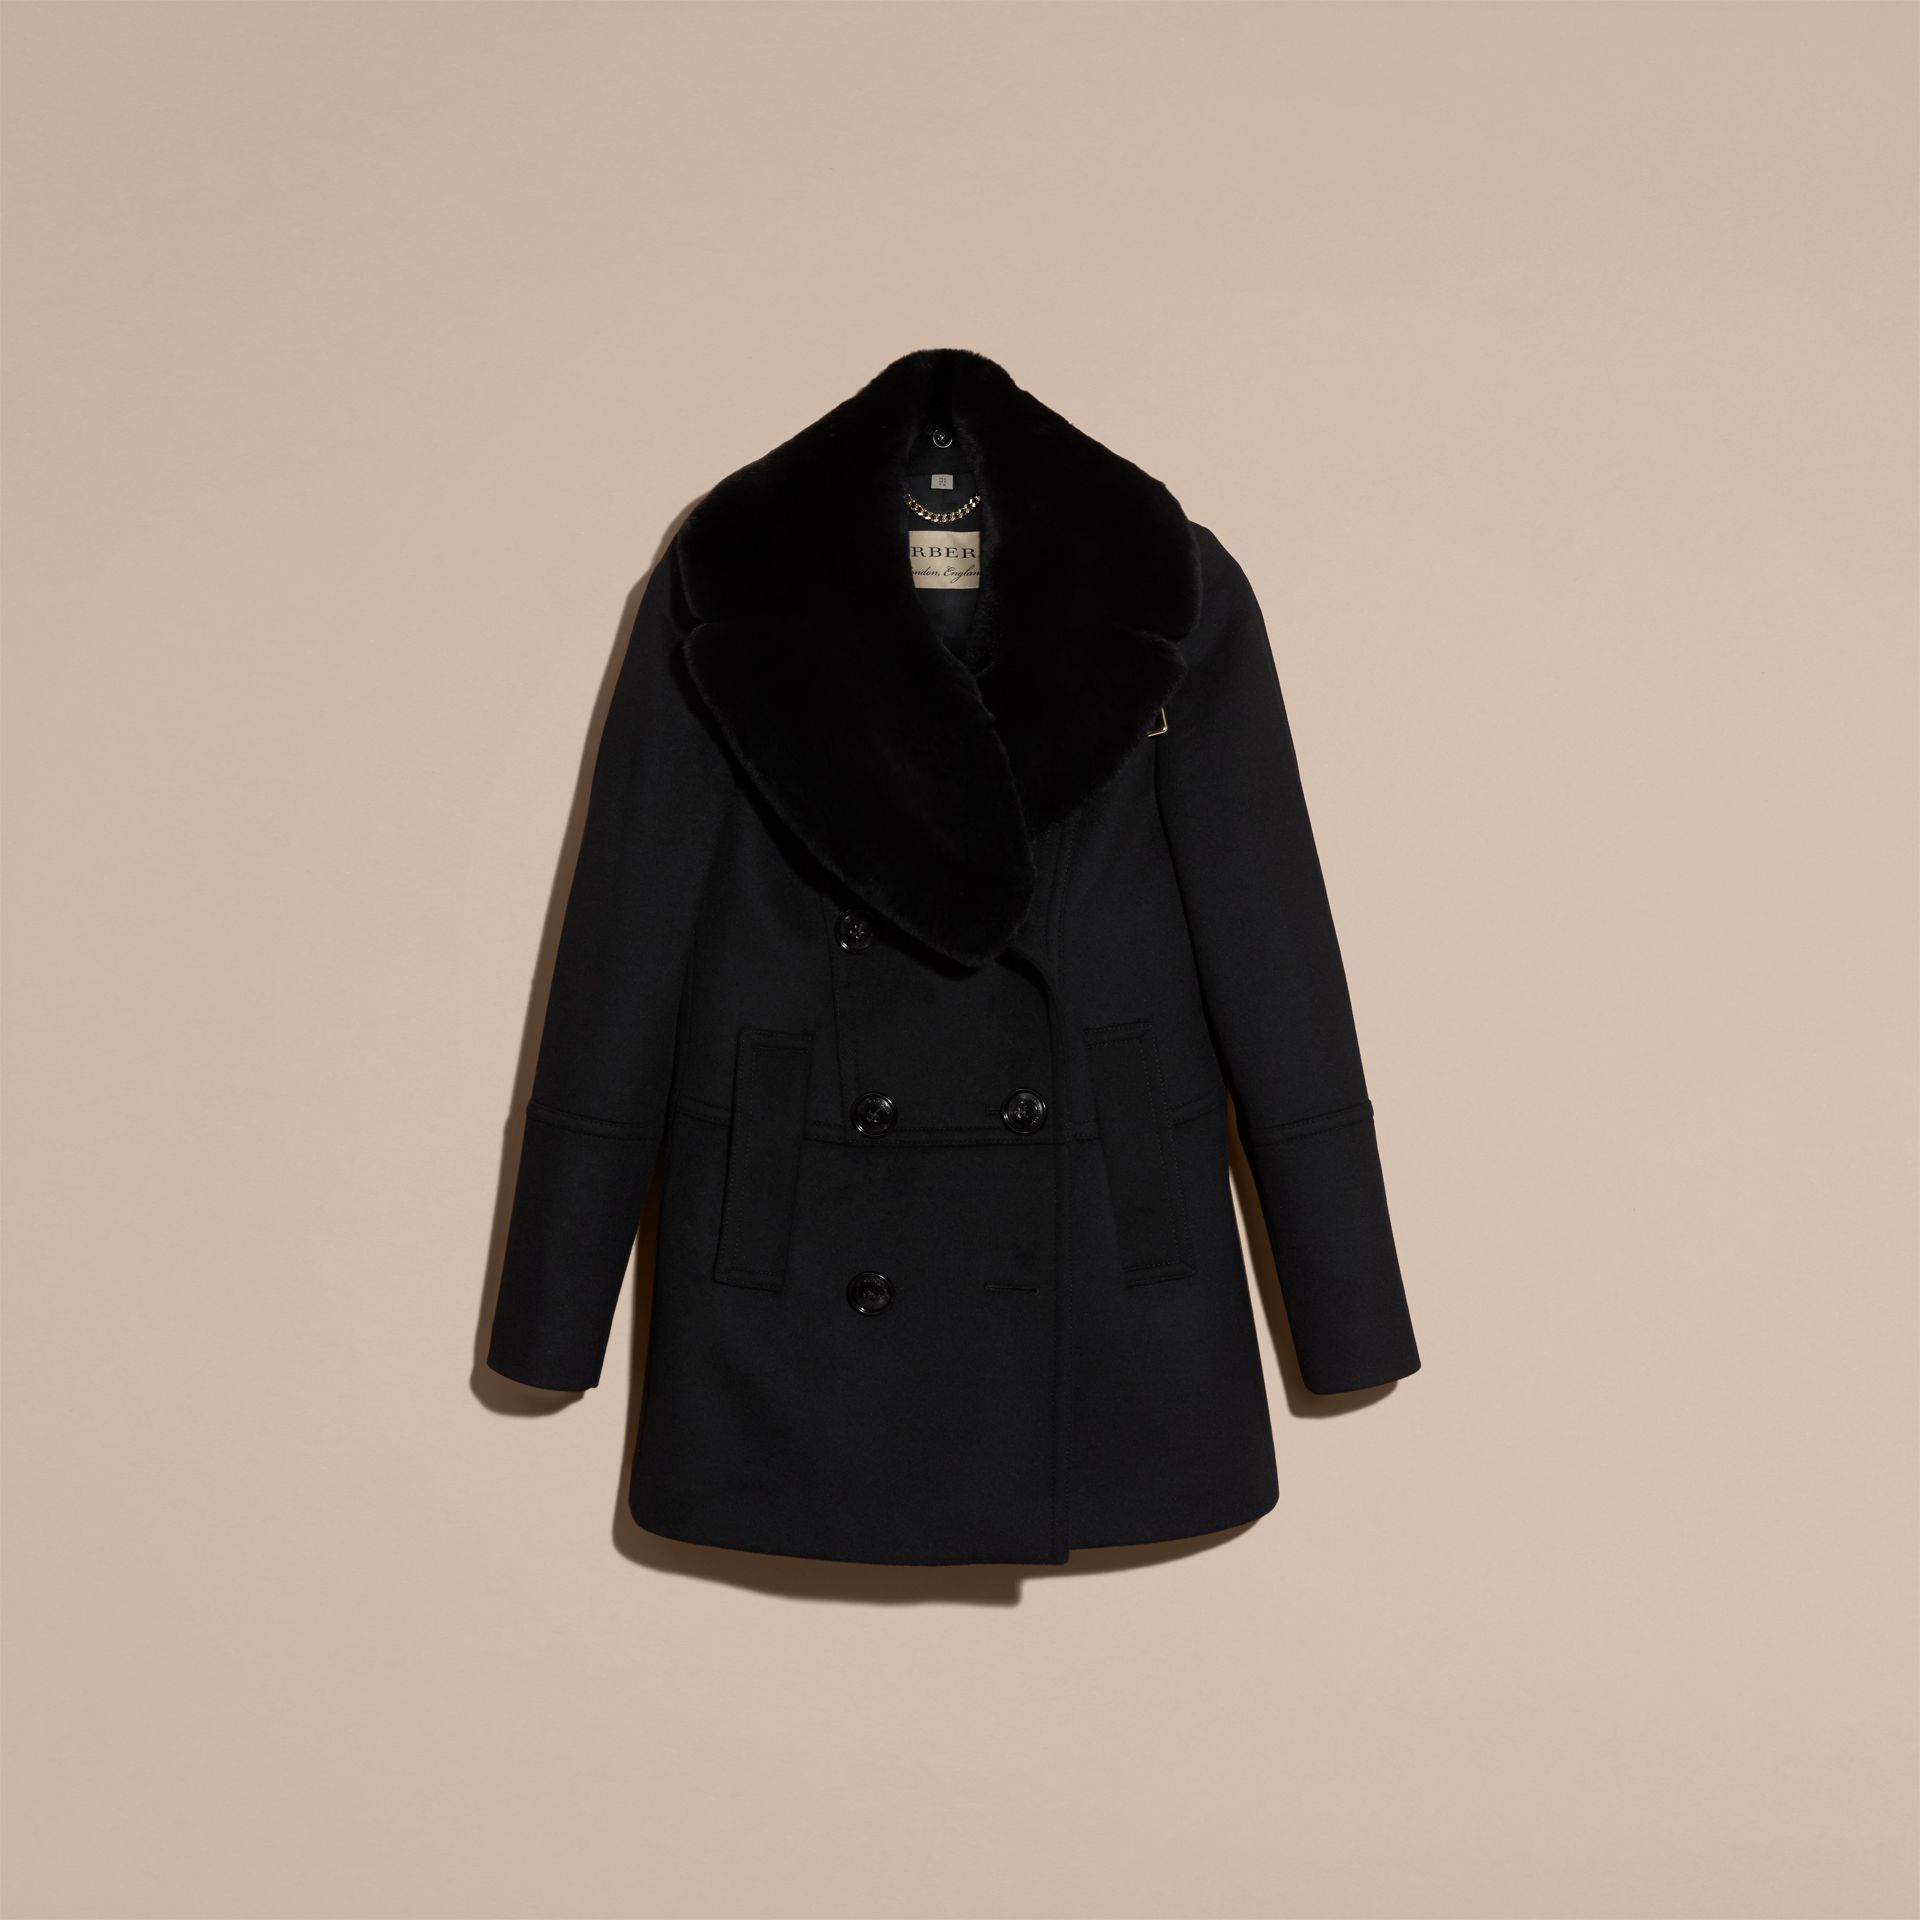 Nero Pea coat in lana e cashmere con collo amovibile in pelliccia - immagine della galleria 4